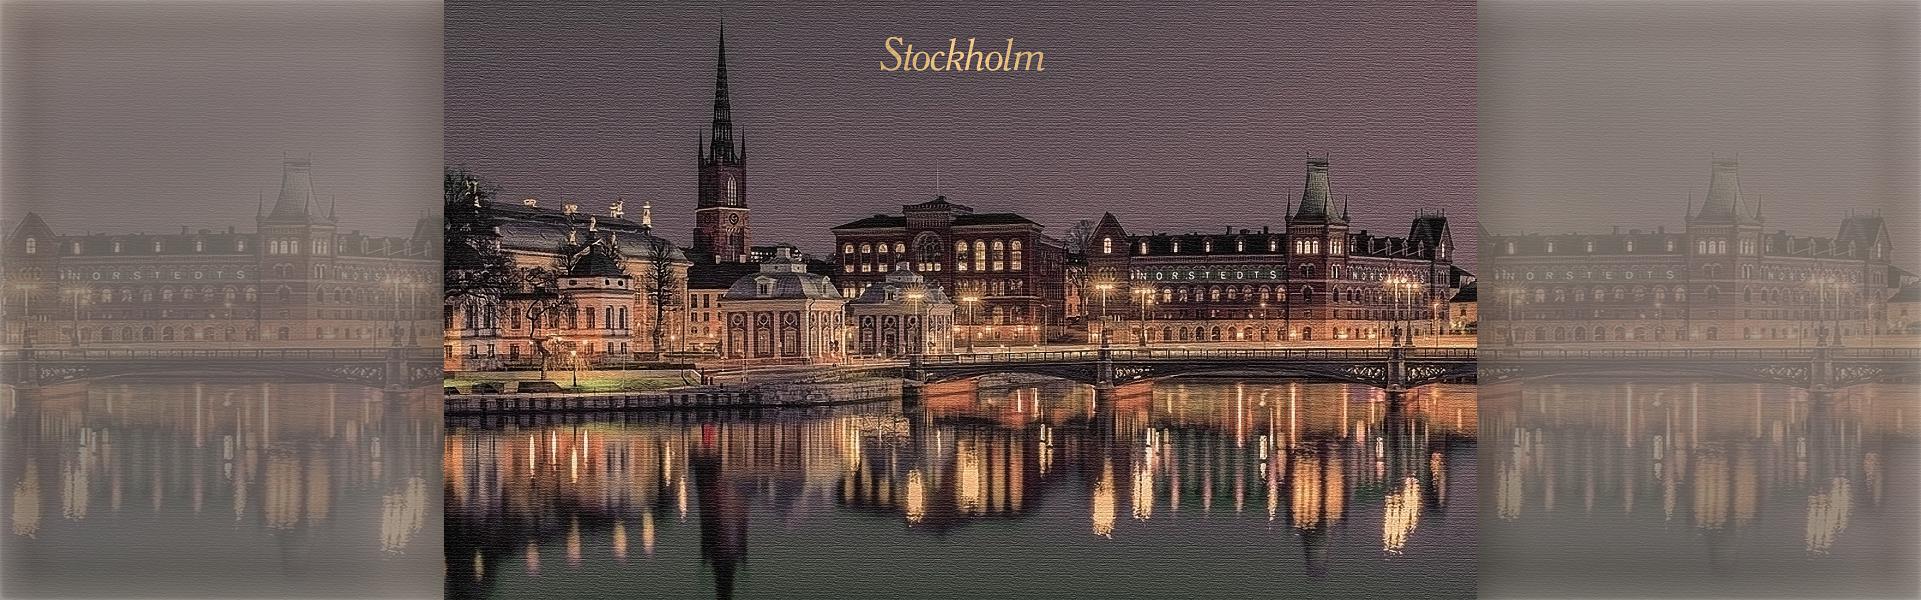 Stockholm_Sweden 10 редакция 1